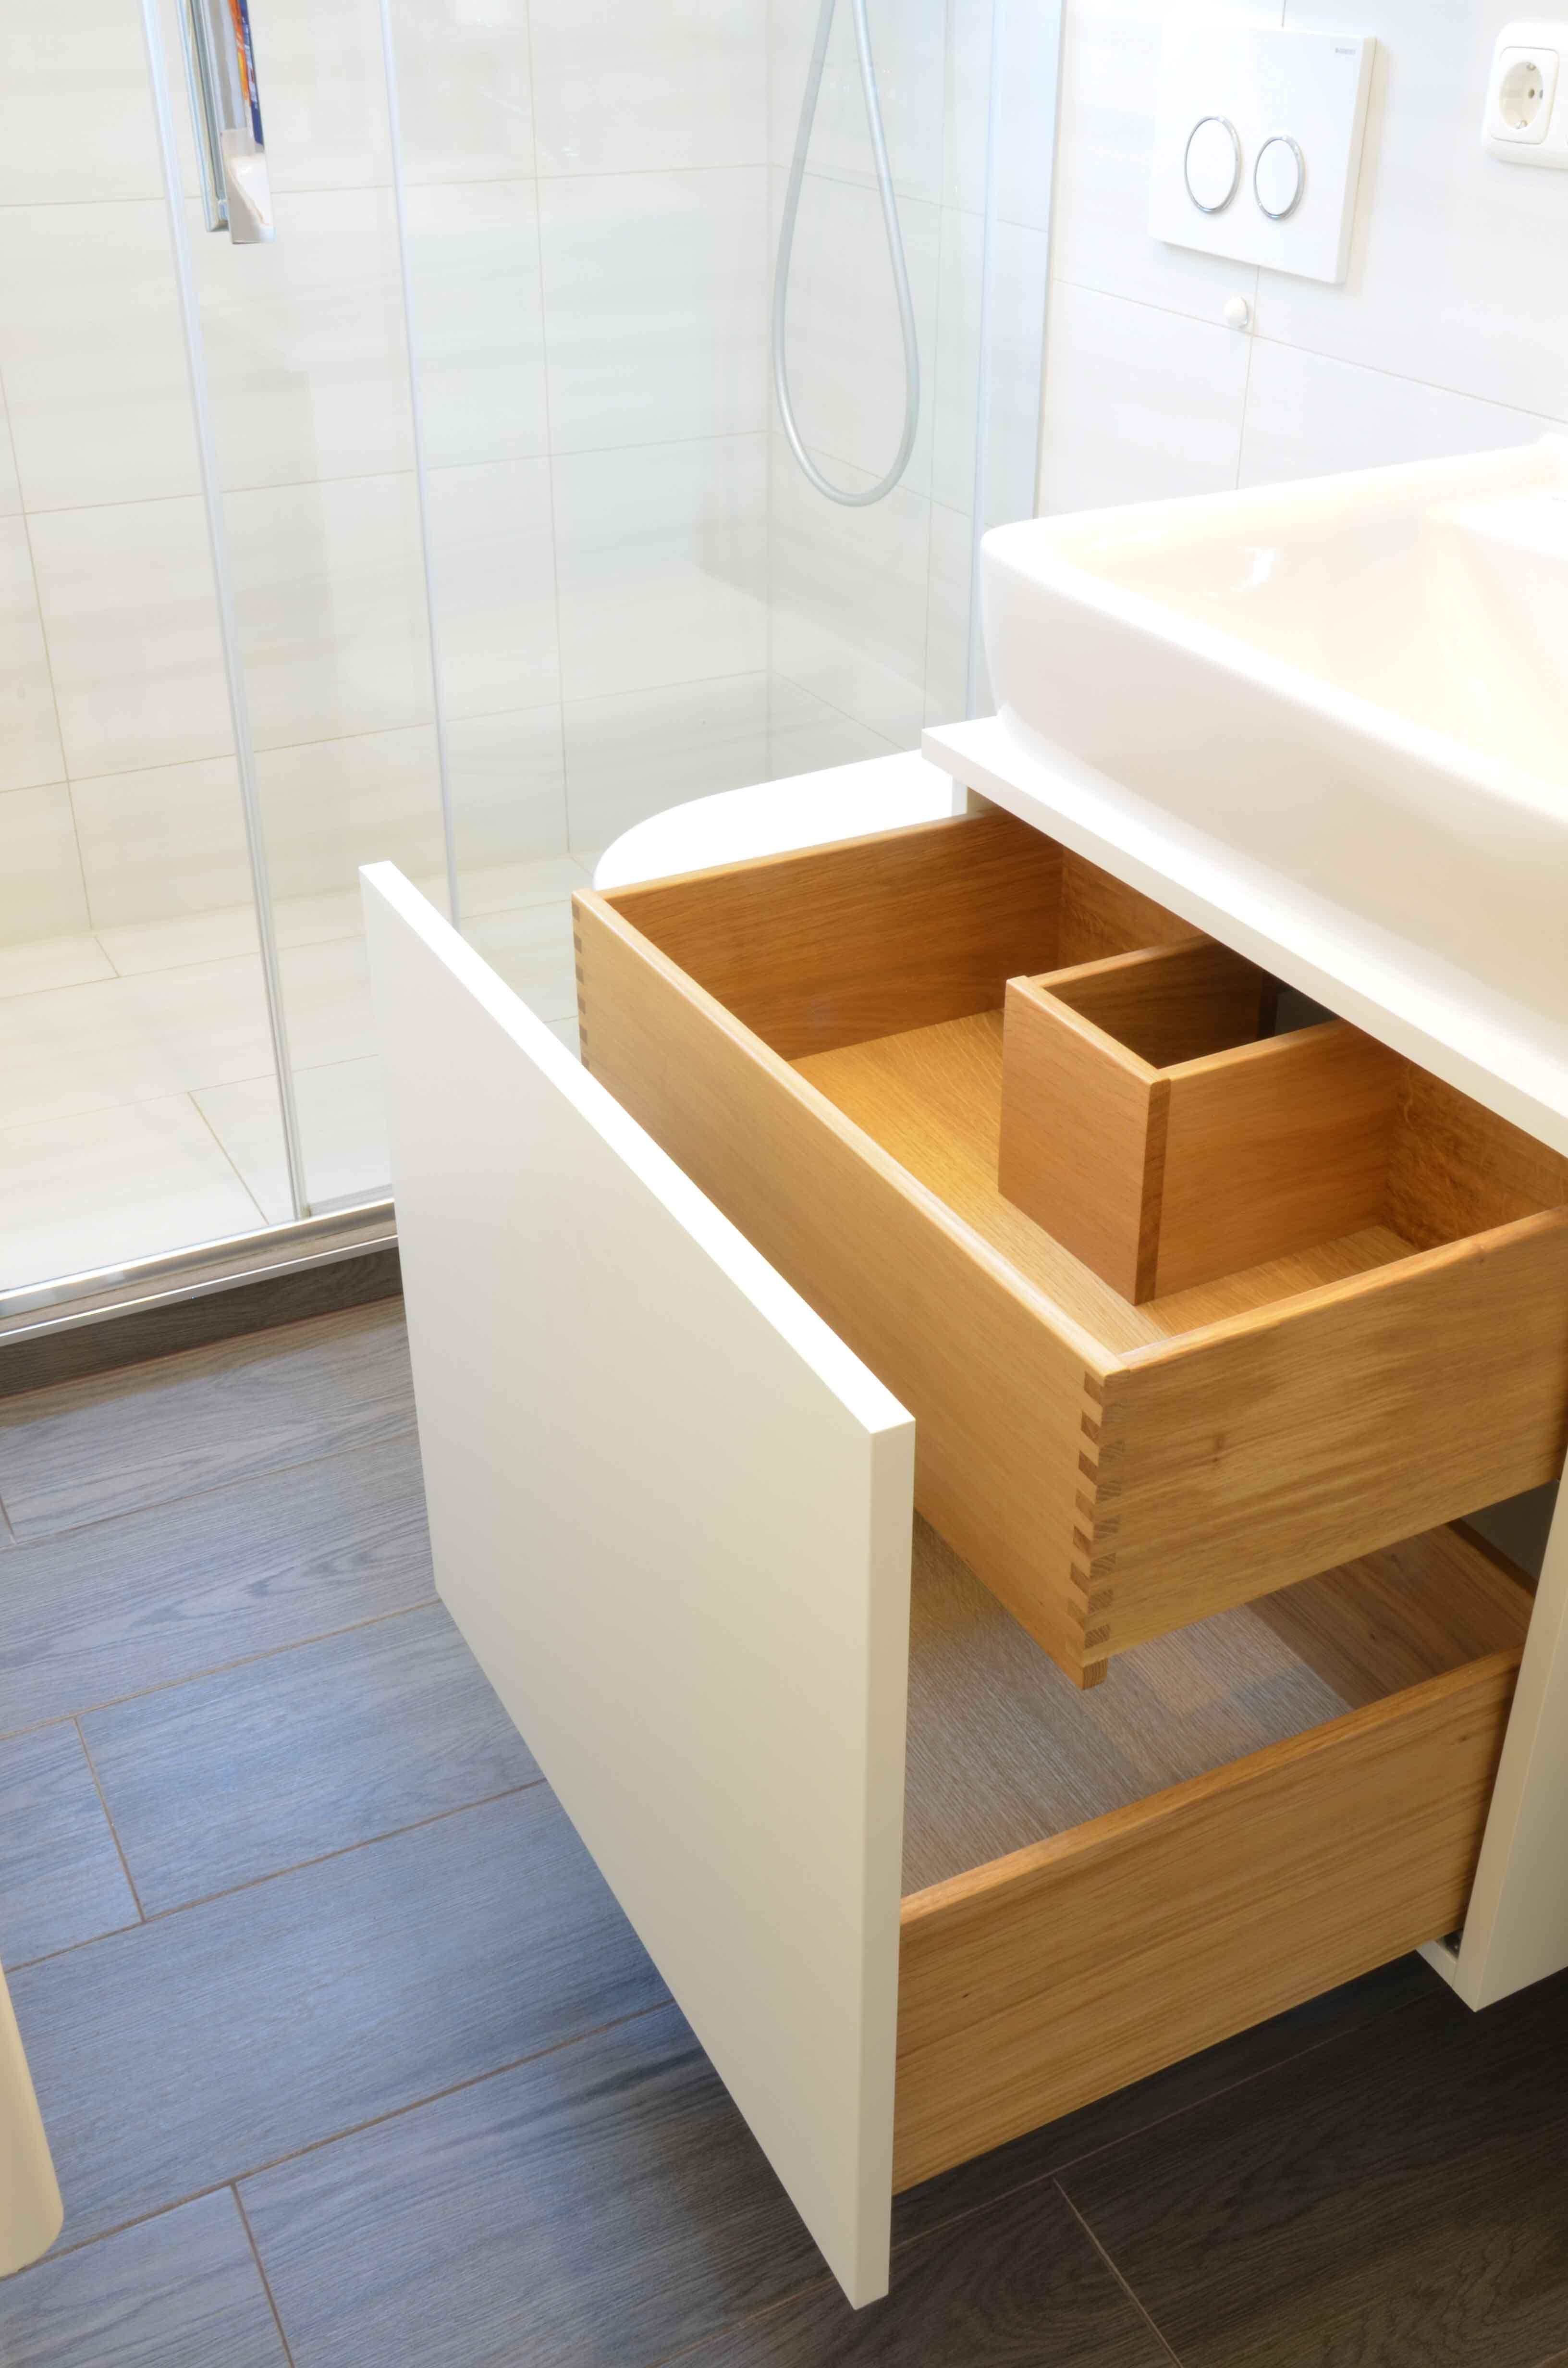 Badunterschrank Vom Tischler Unterschrank Waschbecken Waschbeckenunterschrank Kleine Badezimmer